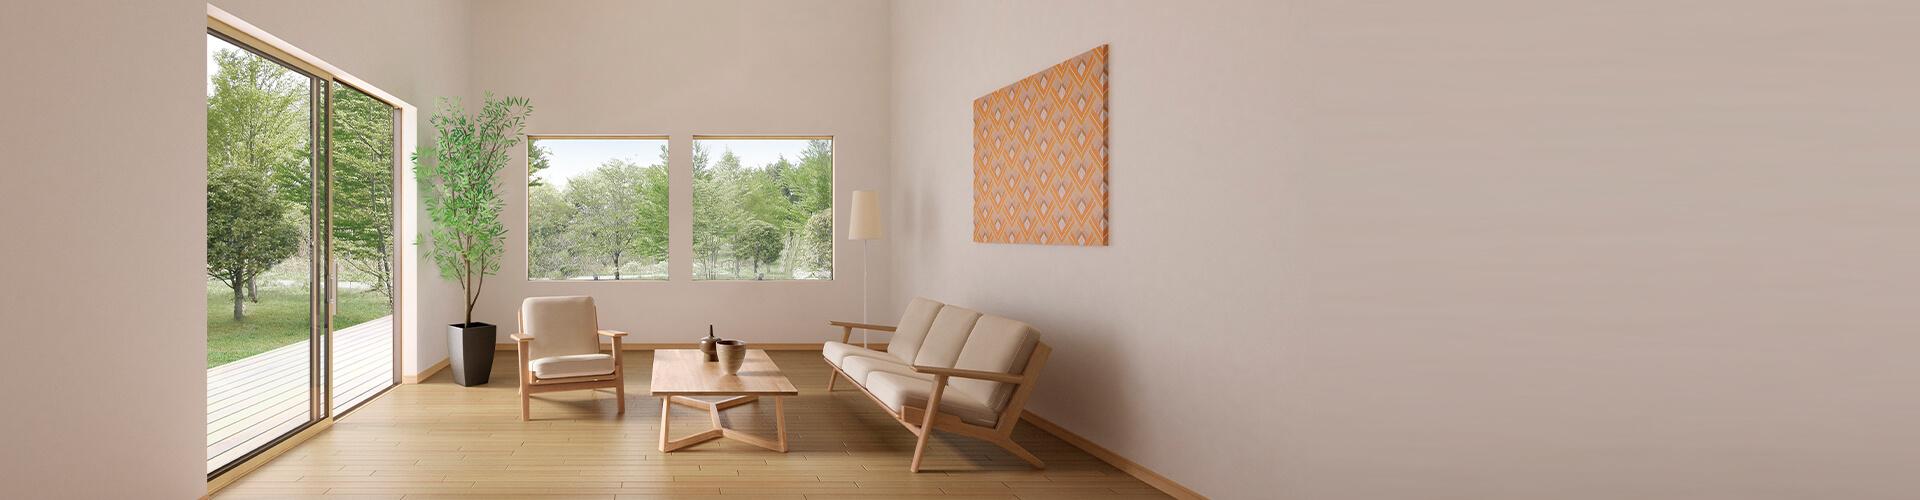 兵庫で自由なデザイン設計の長期優良住宅